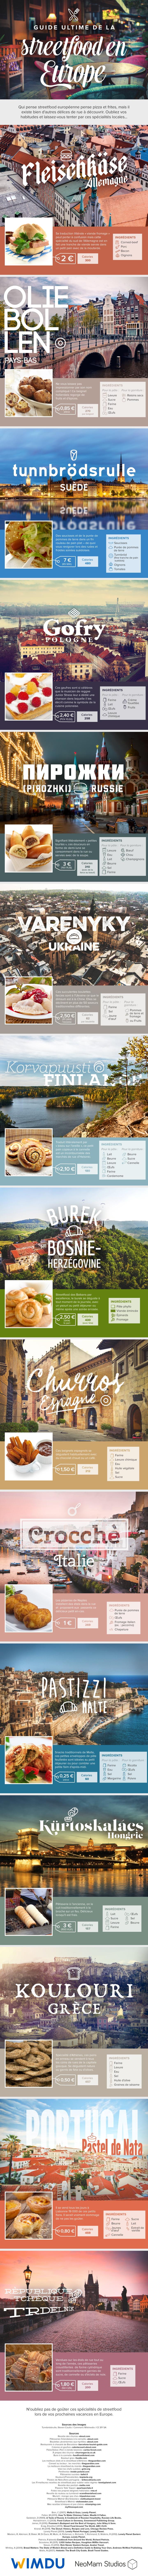 Guide-street-food-europe